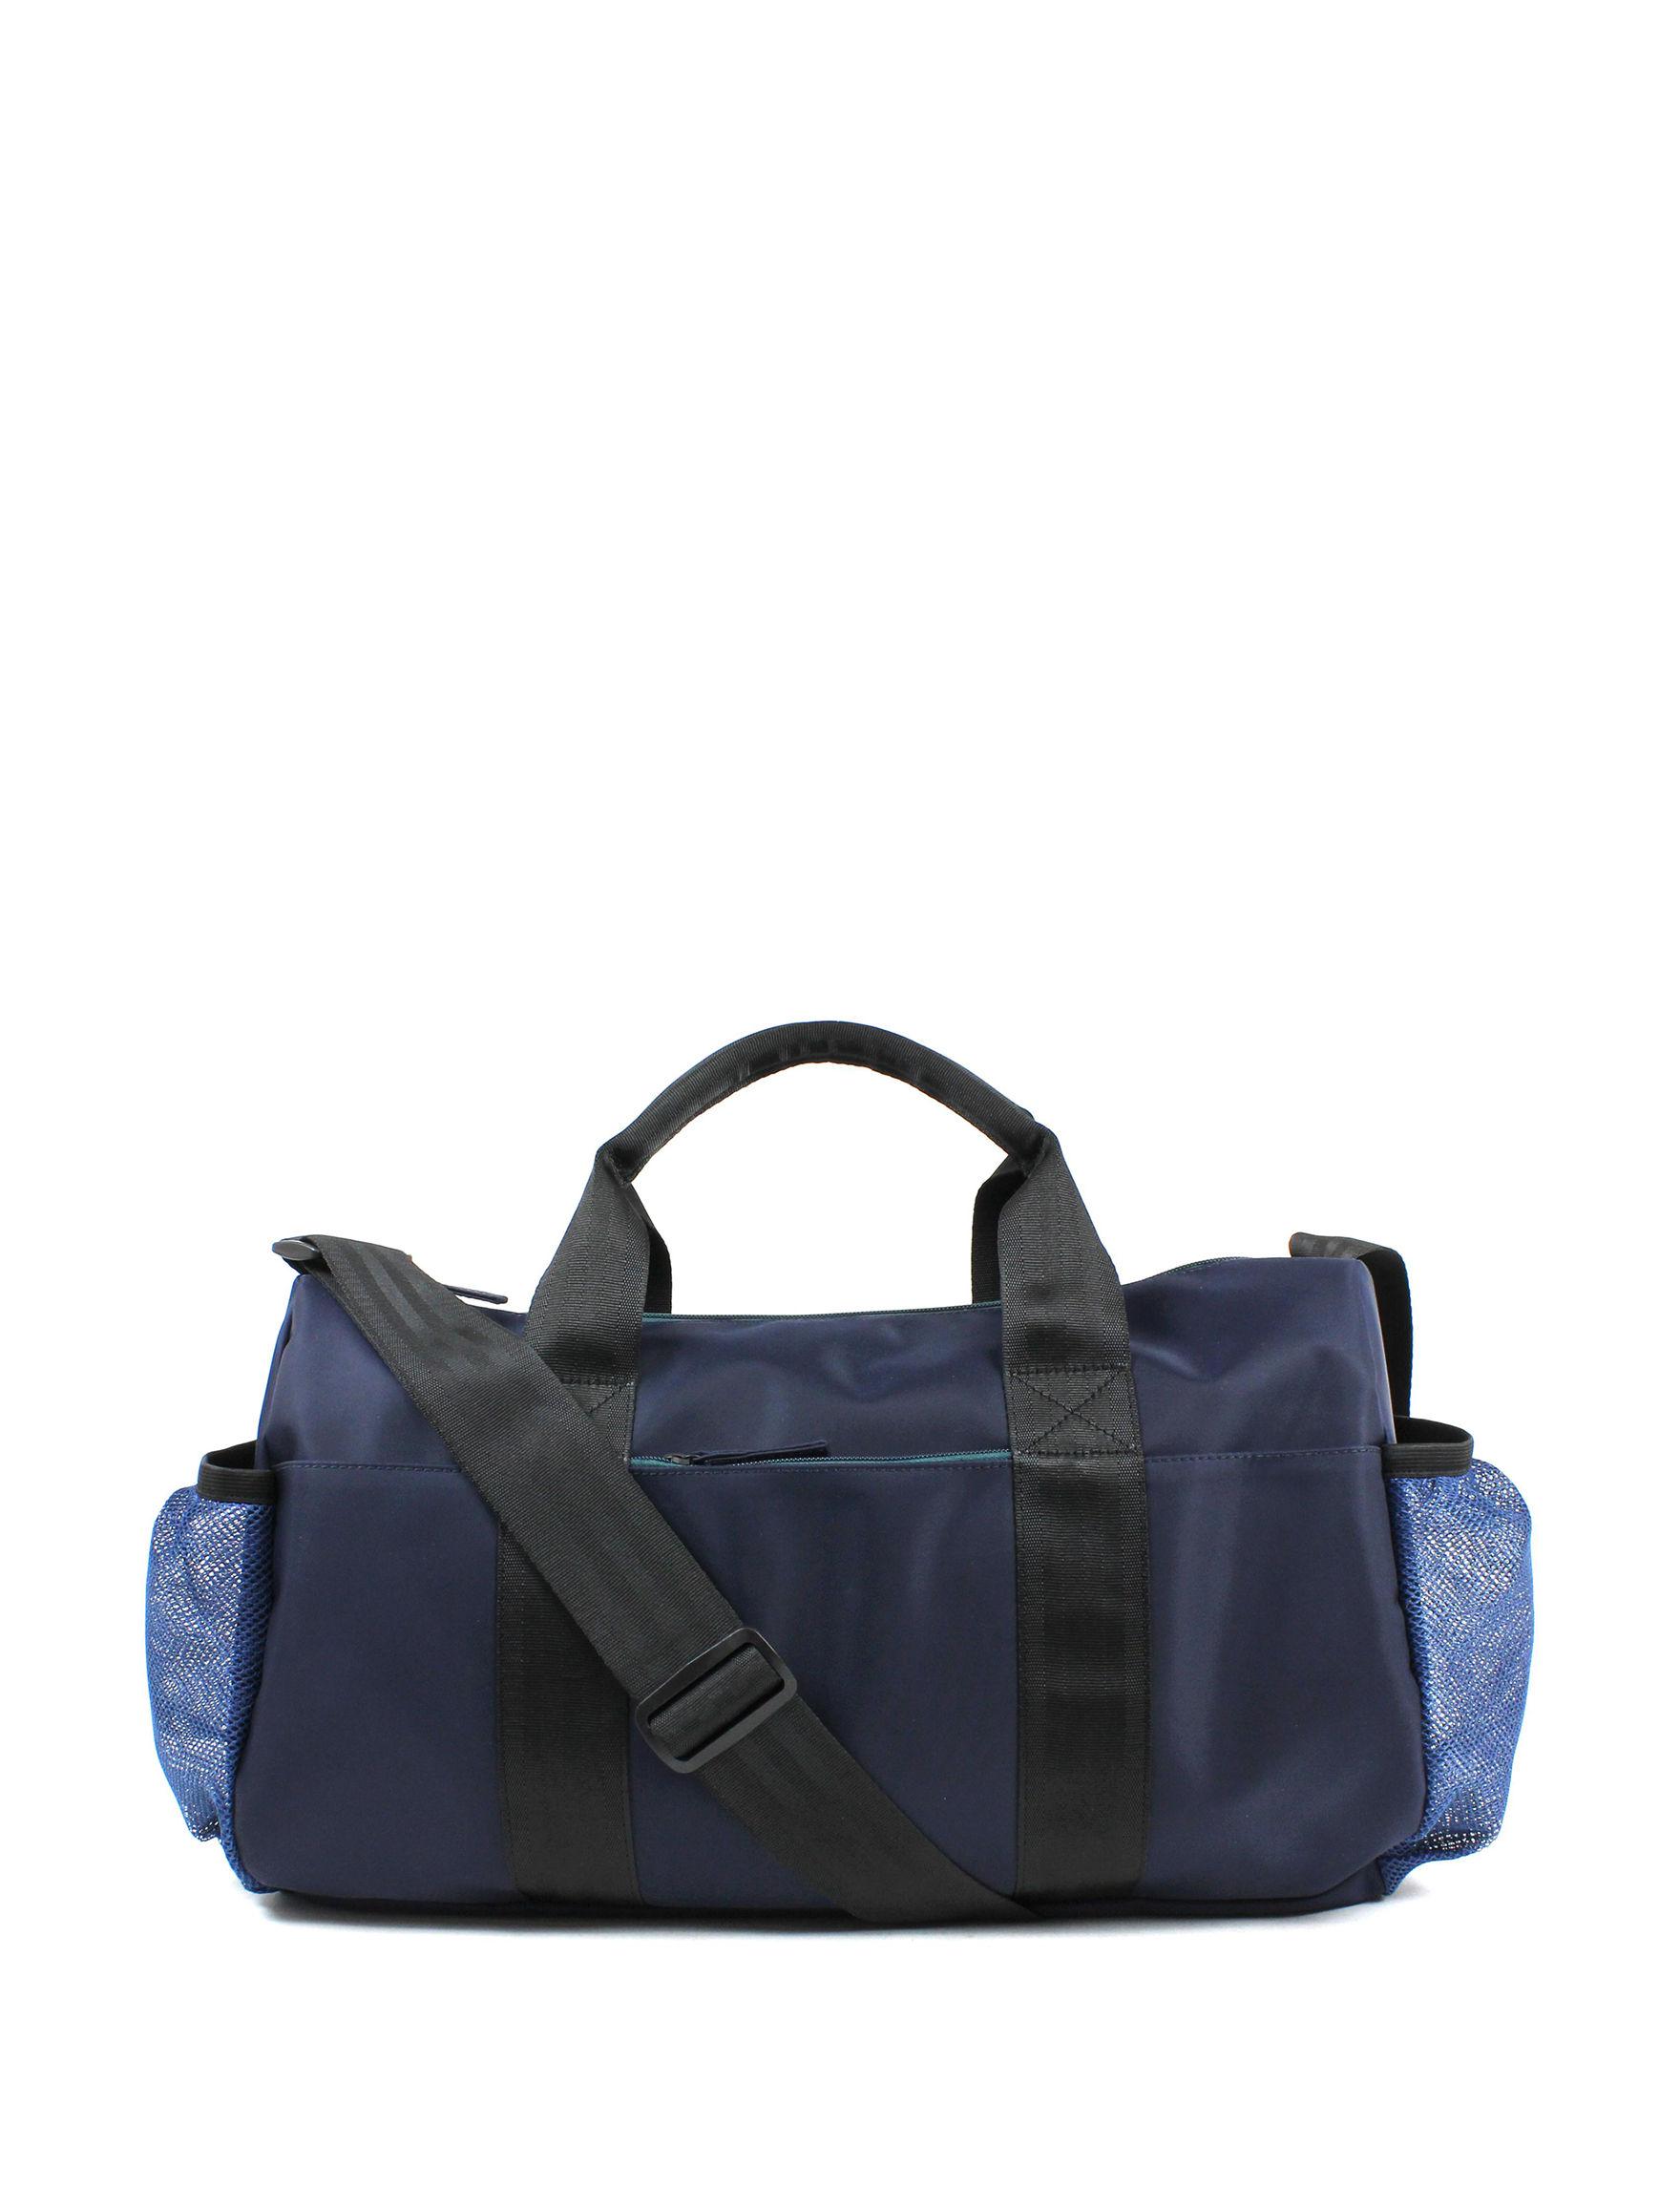 Mondani Navy Weekend Bags